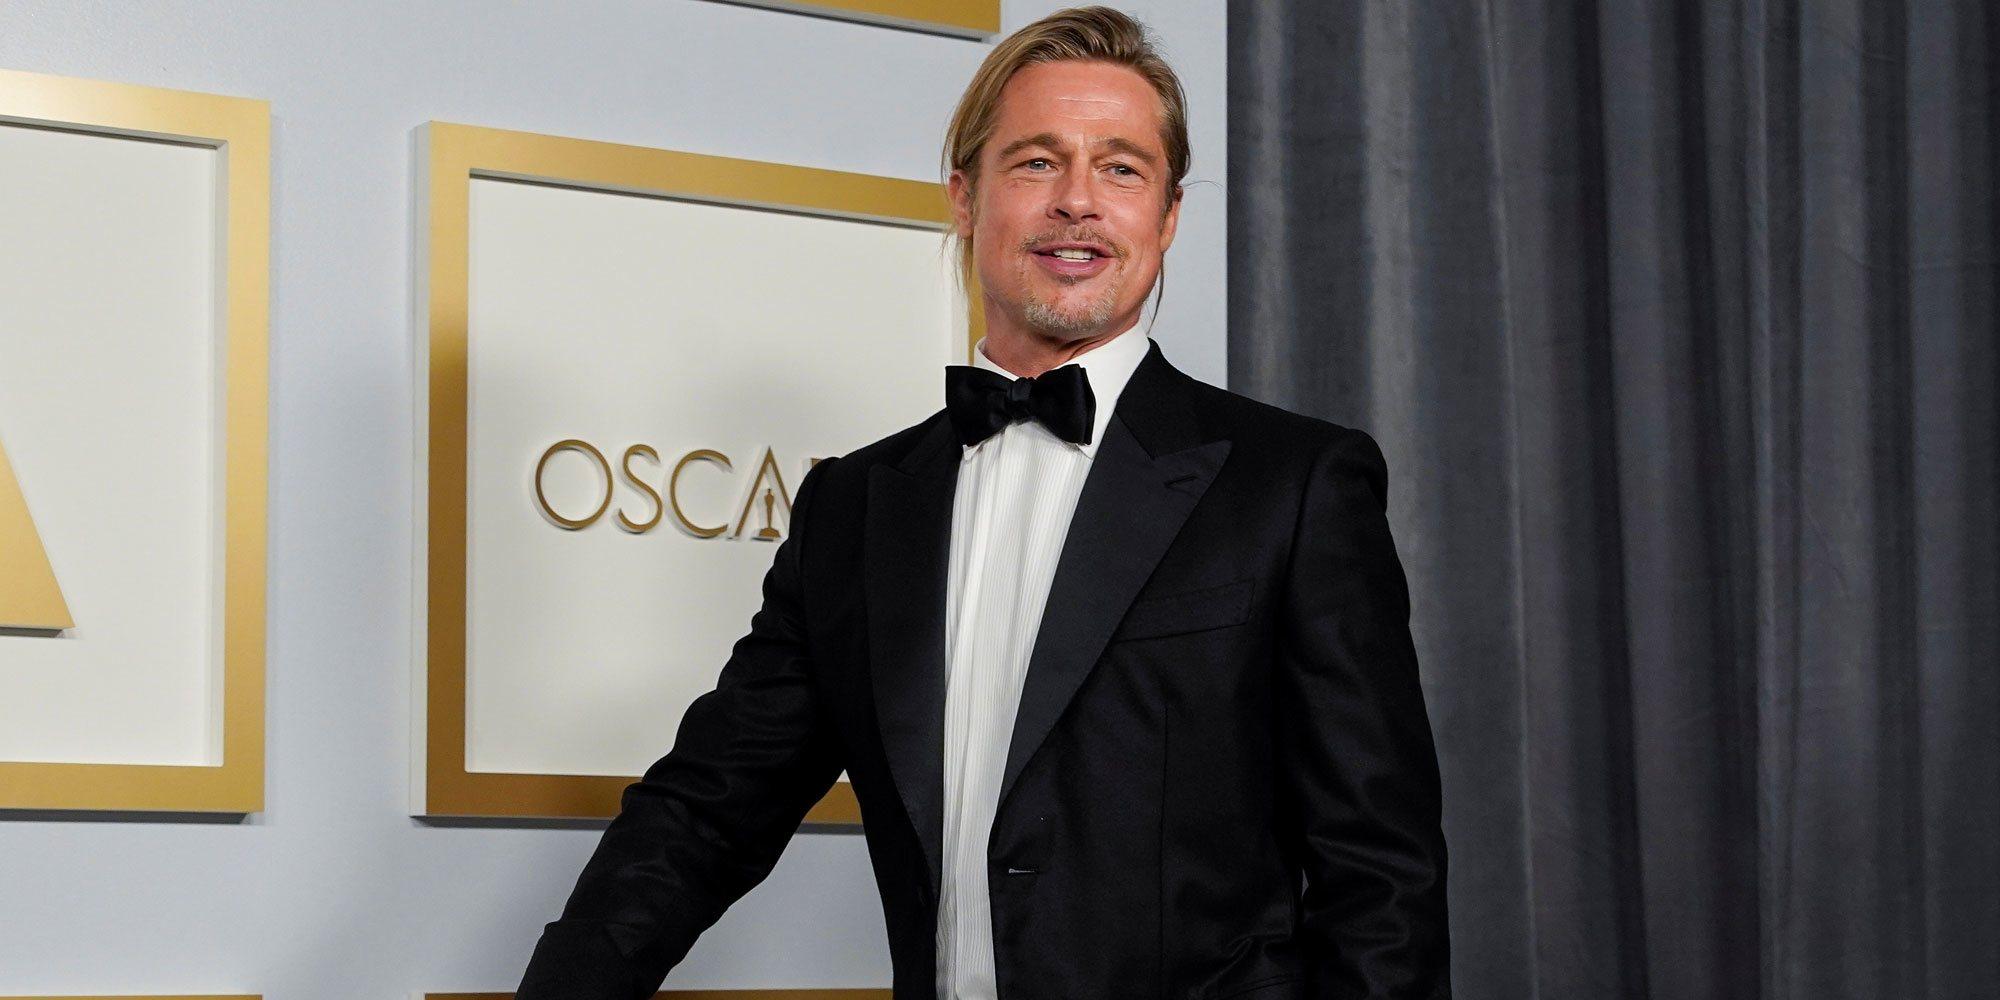 Brad Pitt en los Oscars 2021: presentador y protagonista de una anécdota con Youn Yuh-jung